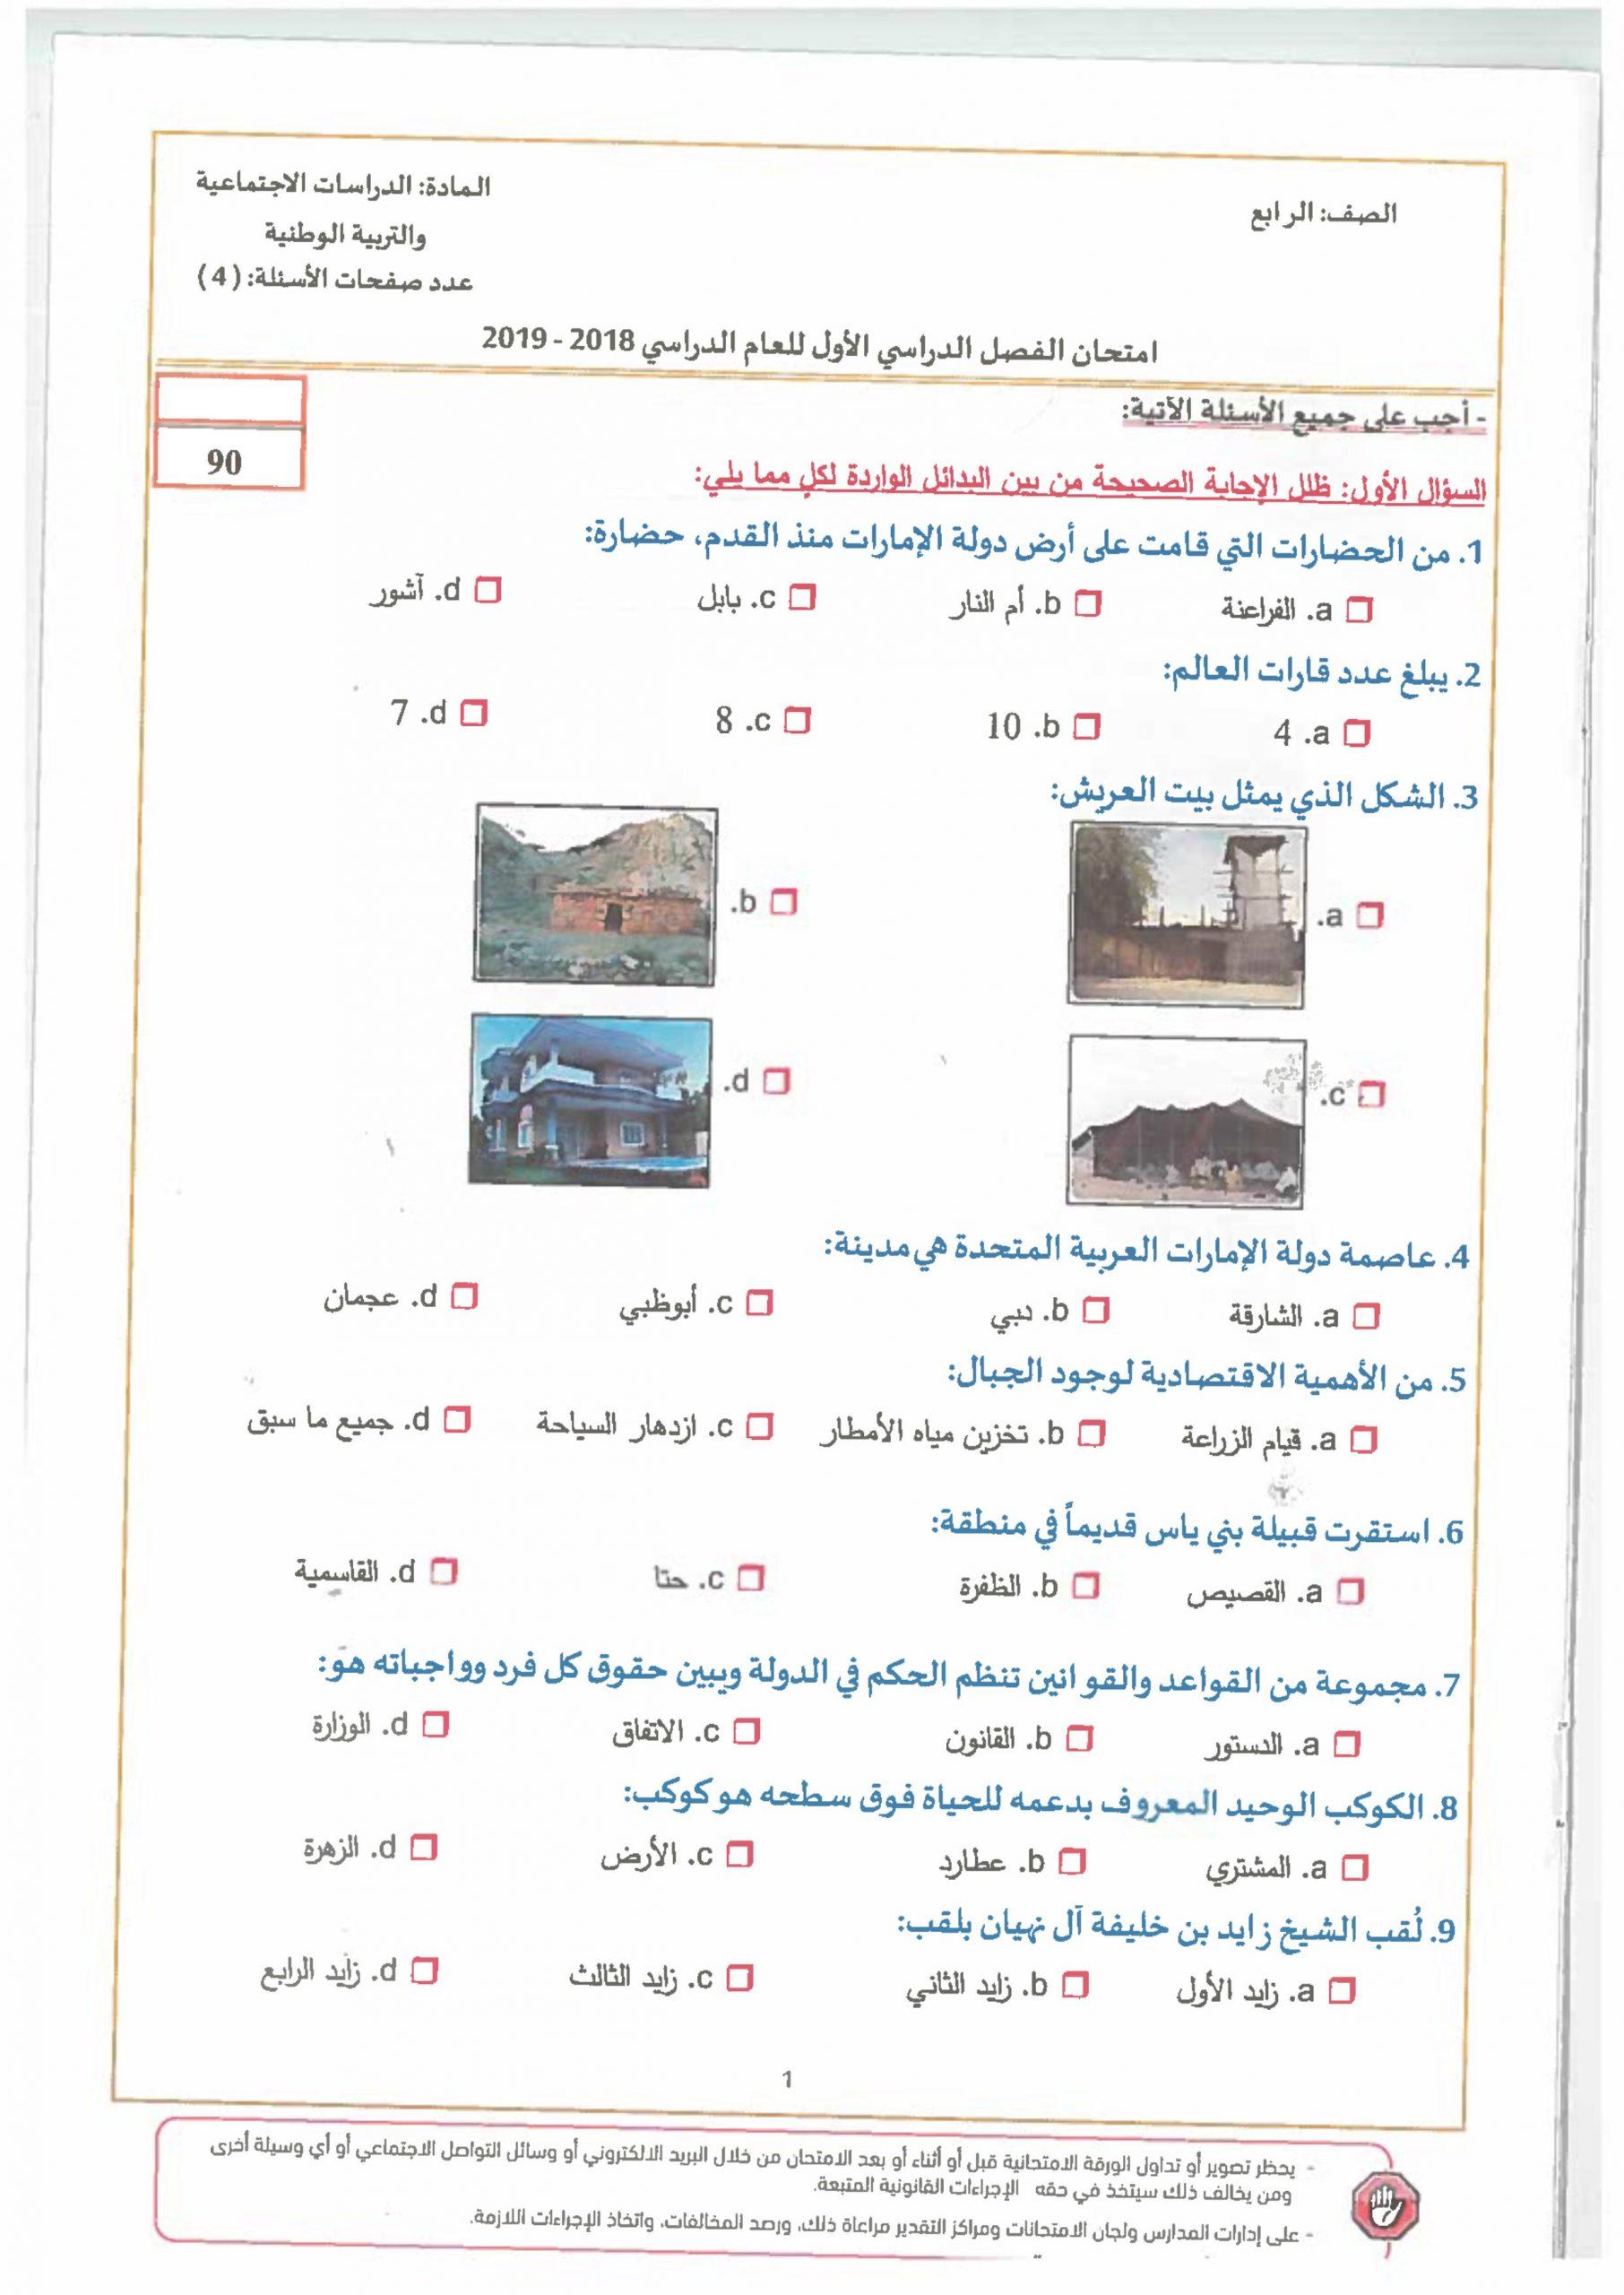 امتحان نهاية الفصل الدراسي الاول 2018-2019 الصف الرابع مادة الدراسات الاجتماعية والتربية الوطنية